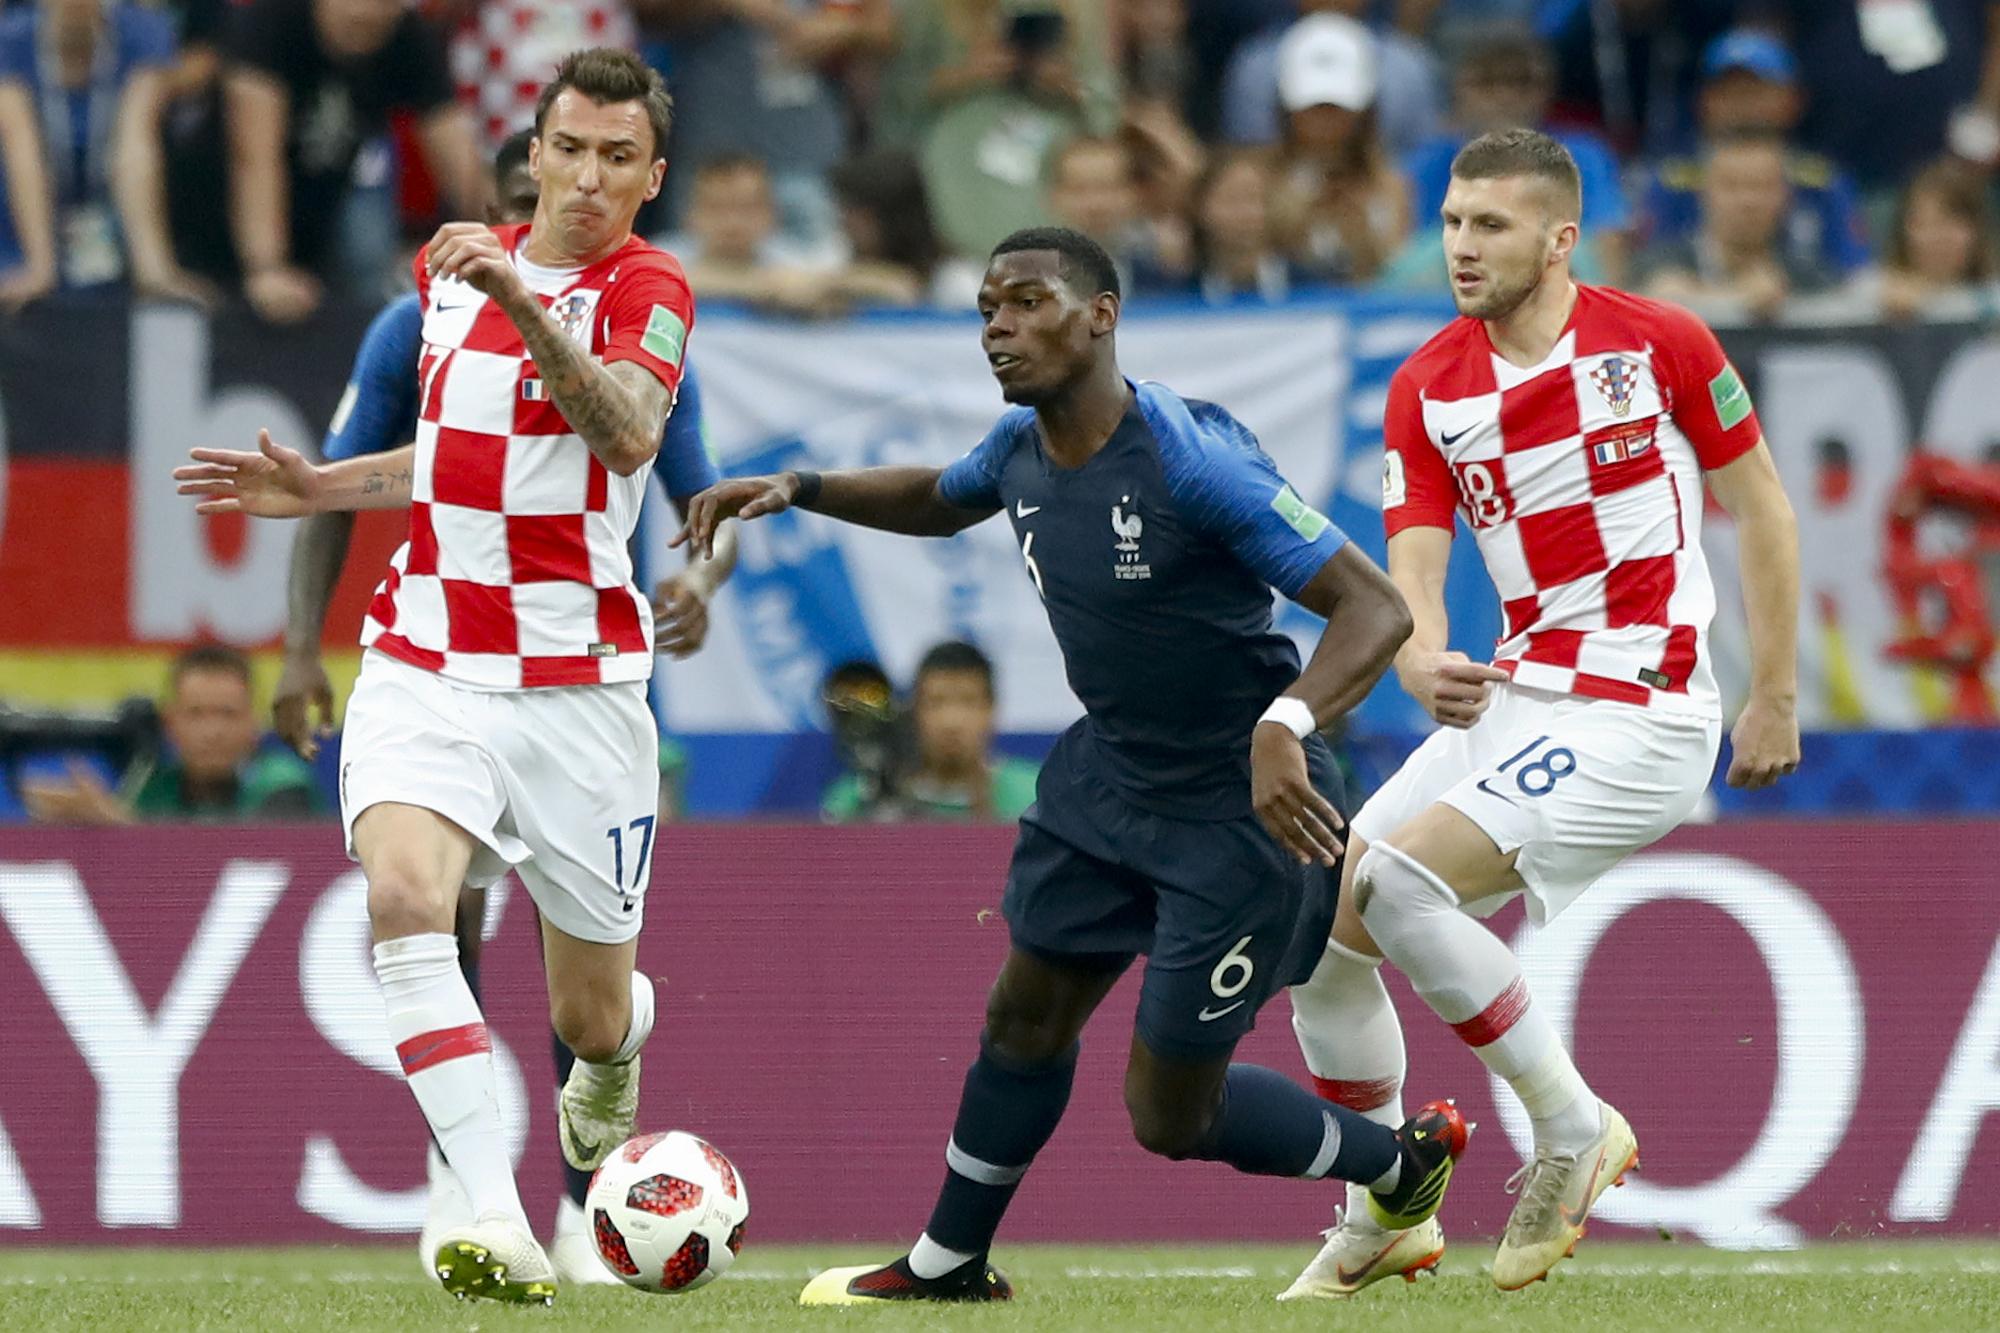 Russia_Soccer_WCup_France_Croatia_73777-159532.jpg09949111